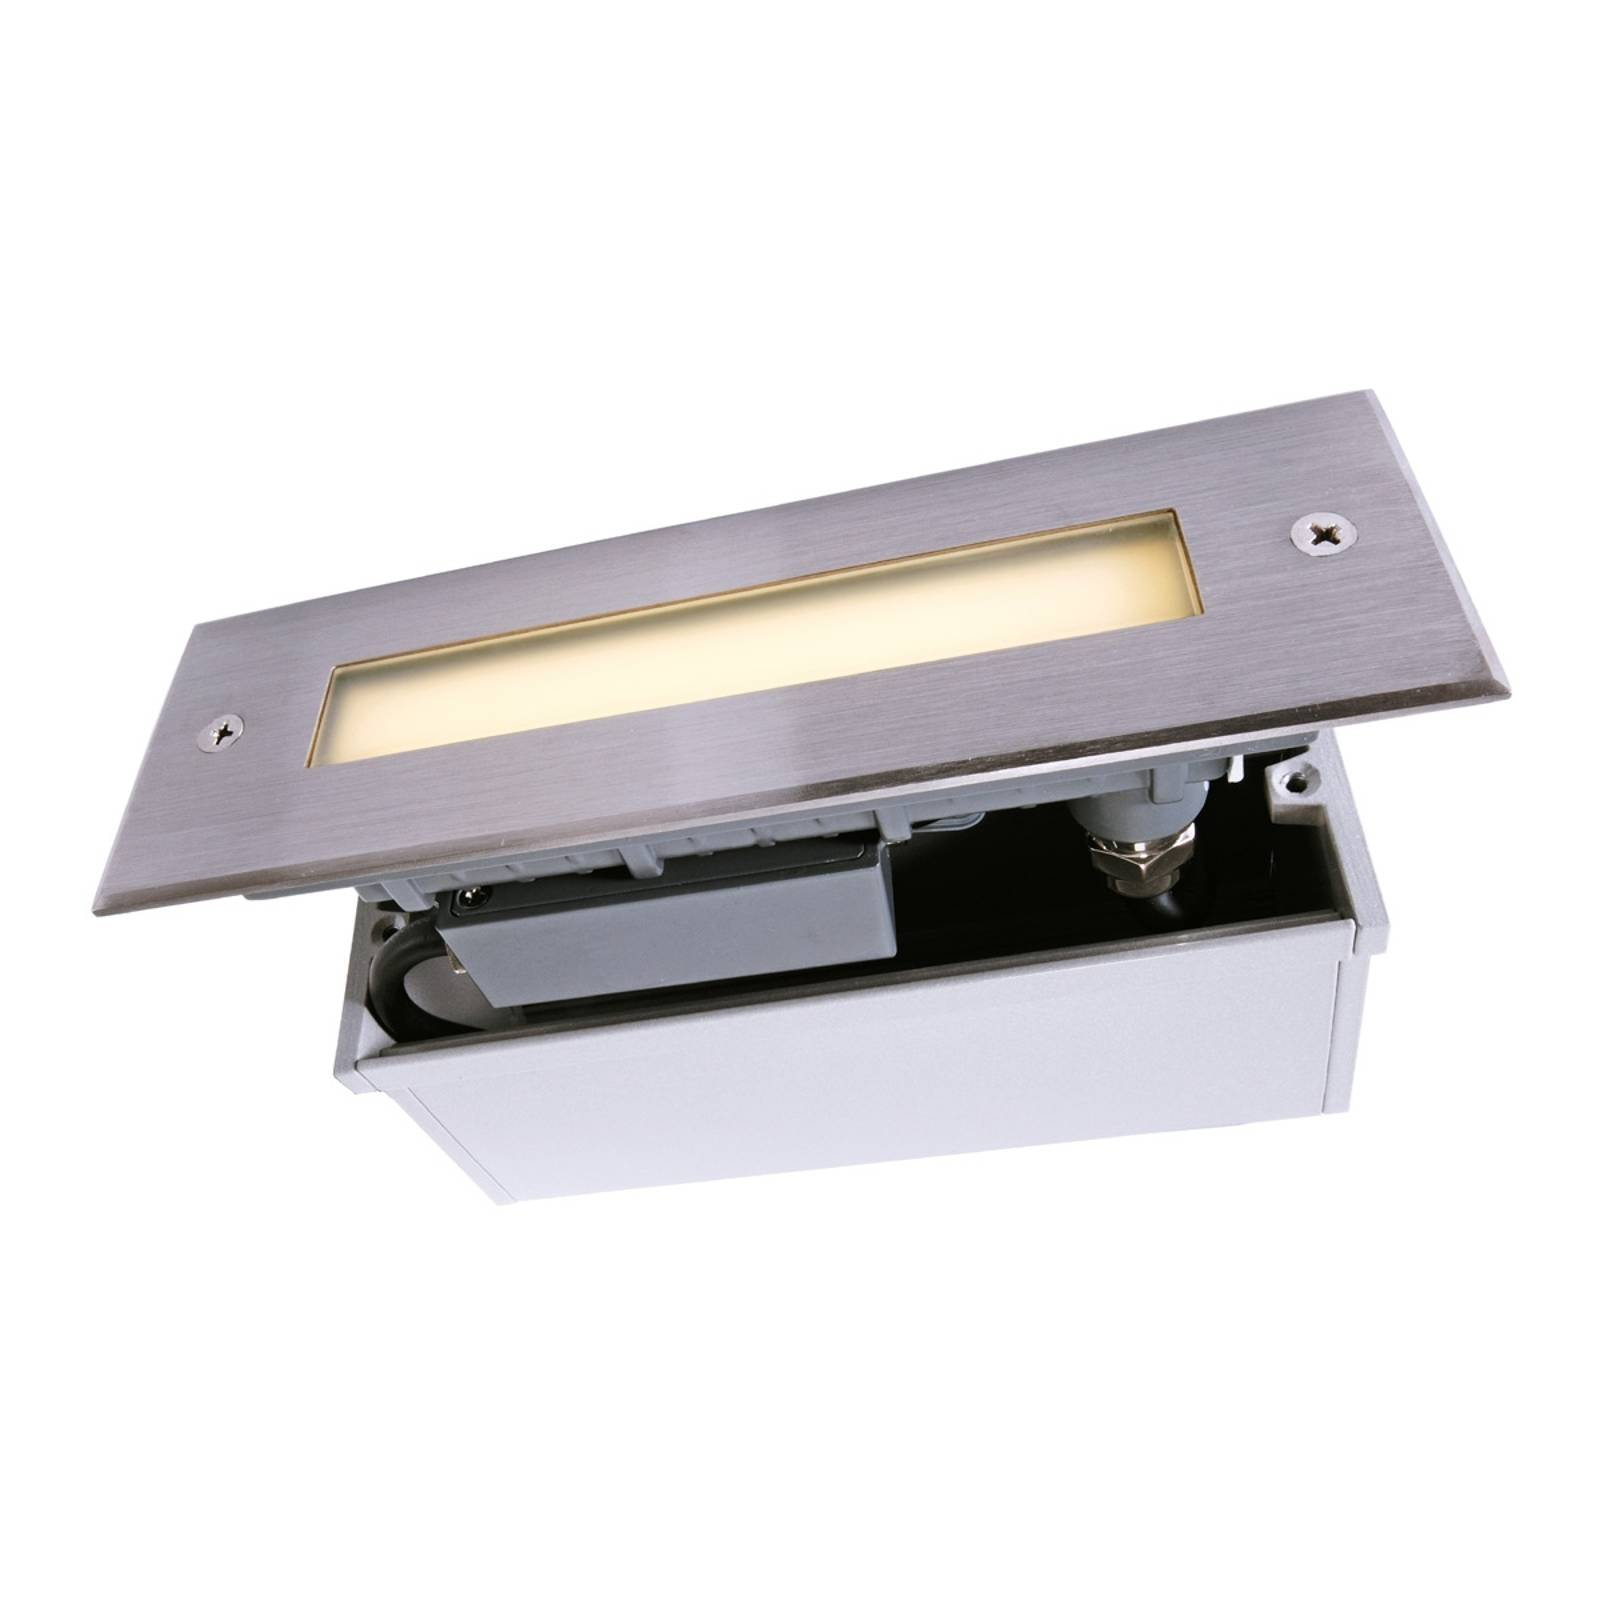 LED-lattiauppovalaisin Line, pituus 18,3 cm